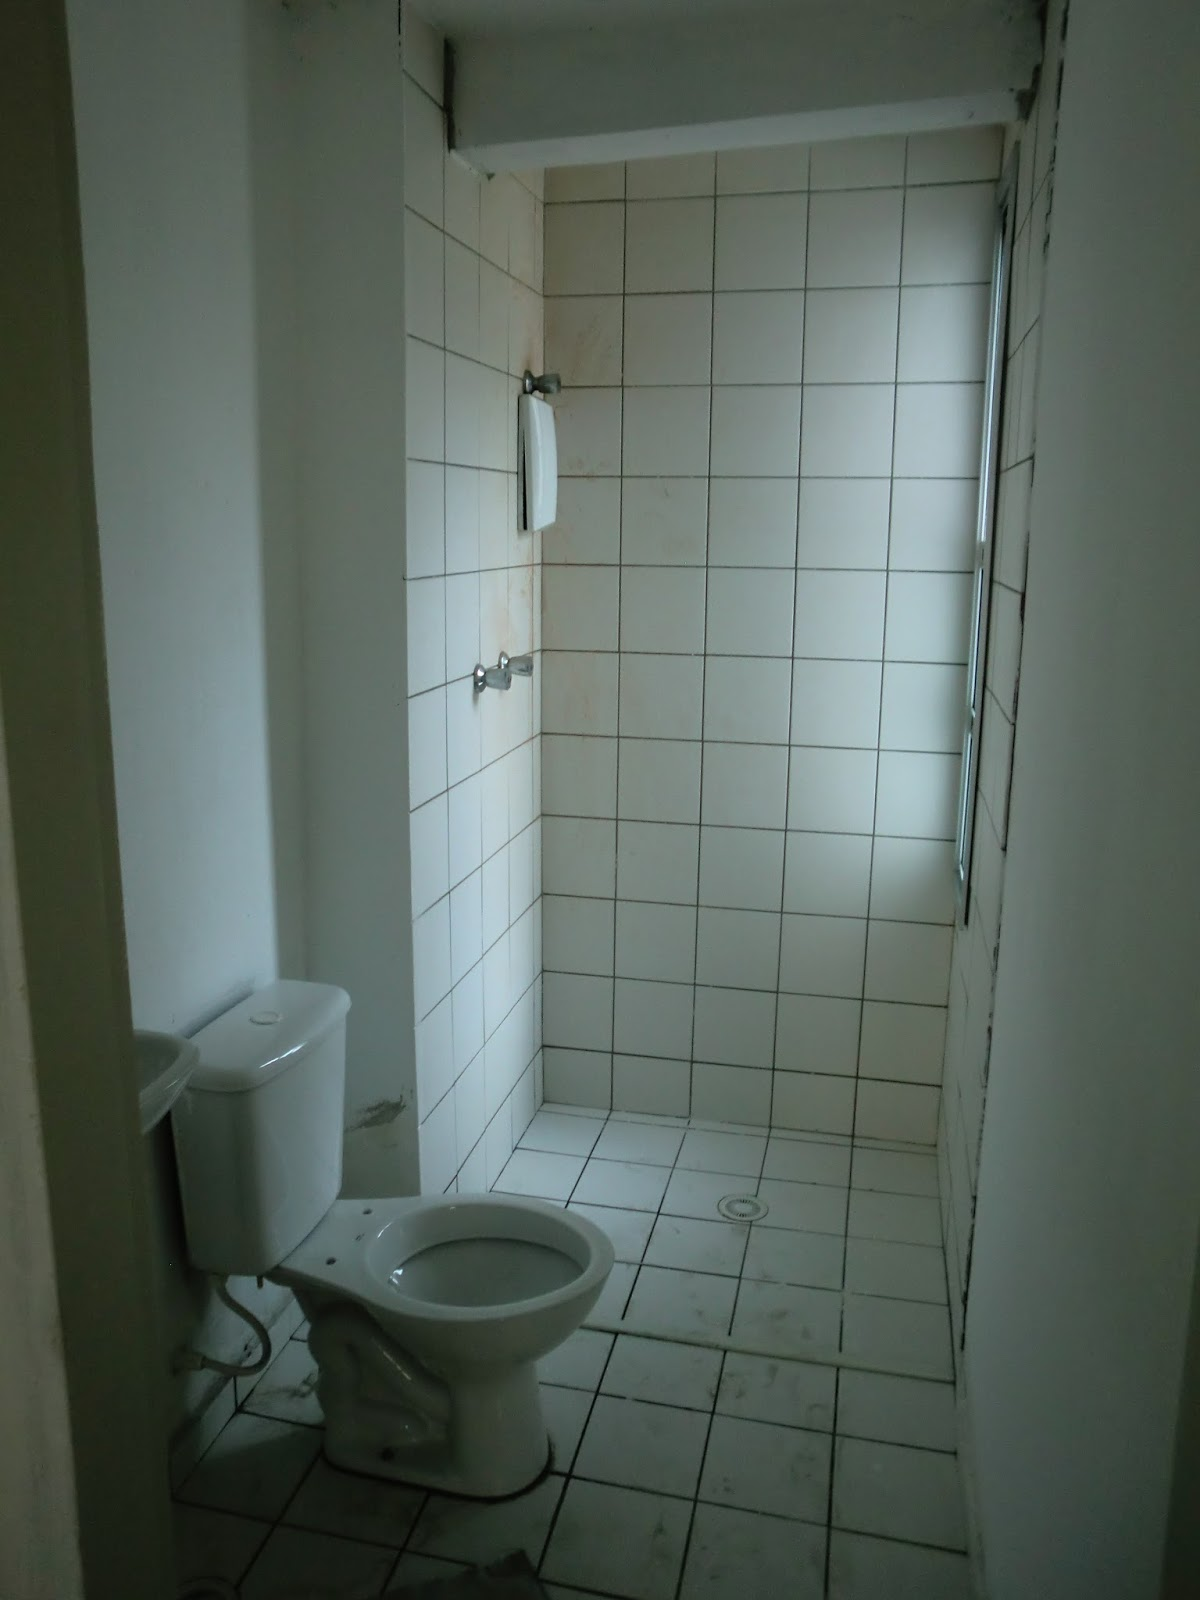 Reforma do Apartamento  Banheiro  Antes e Depois  Com Custos  Reforma Eco -> Banheiro Pequeno Custo